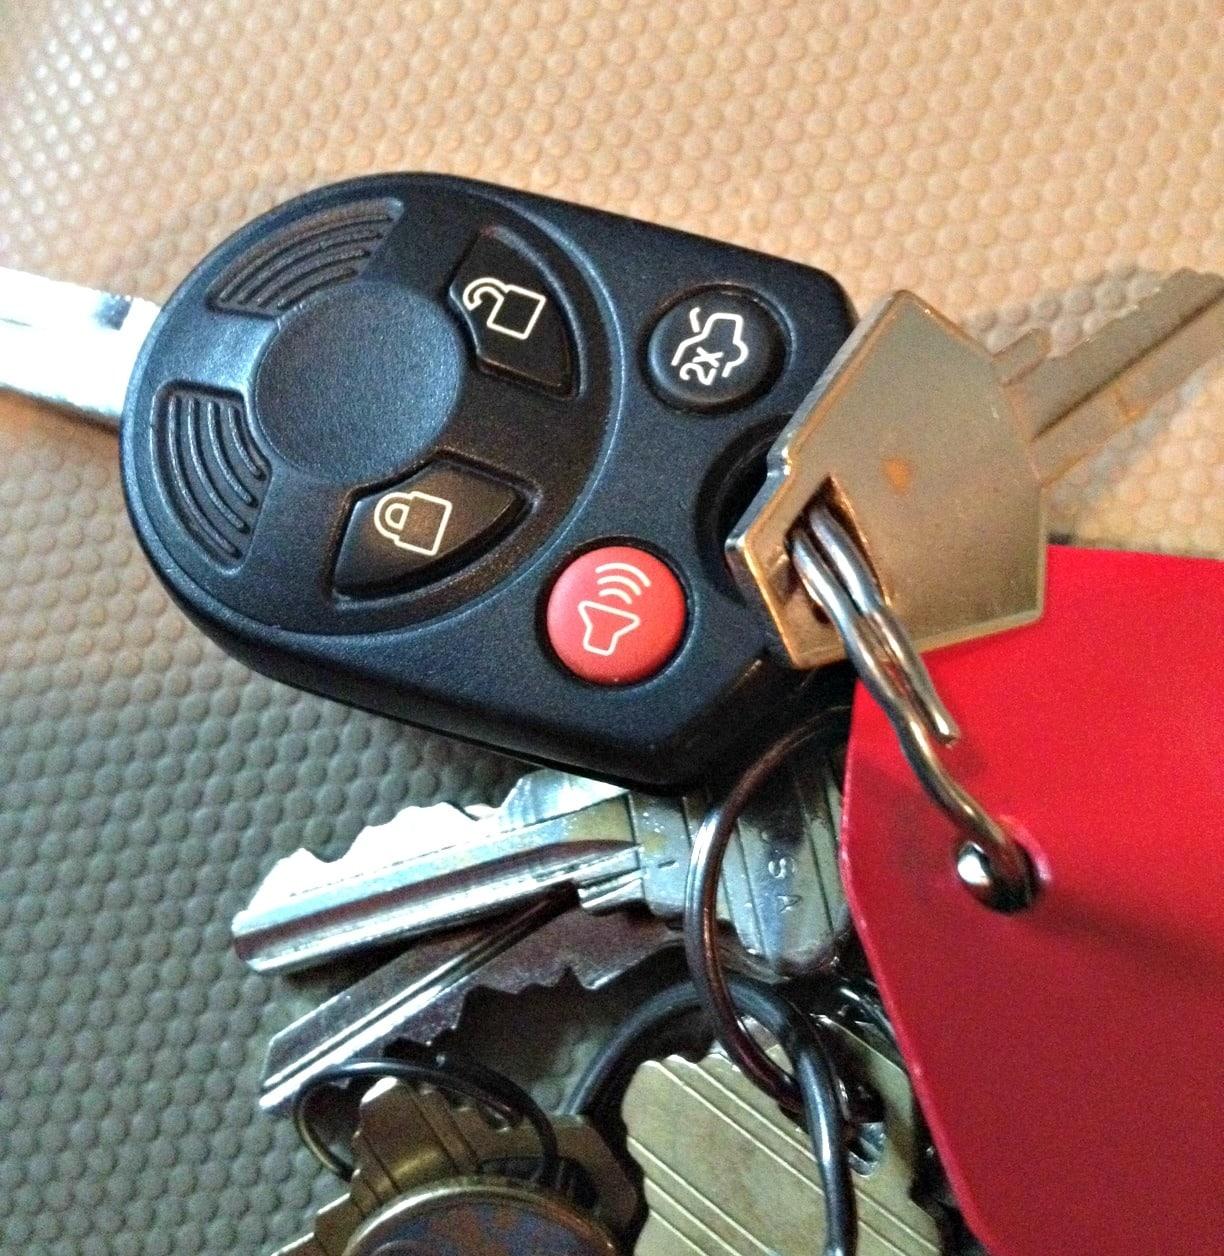 d.c. car alarm (Photo by Jason Hargraves)